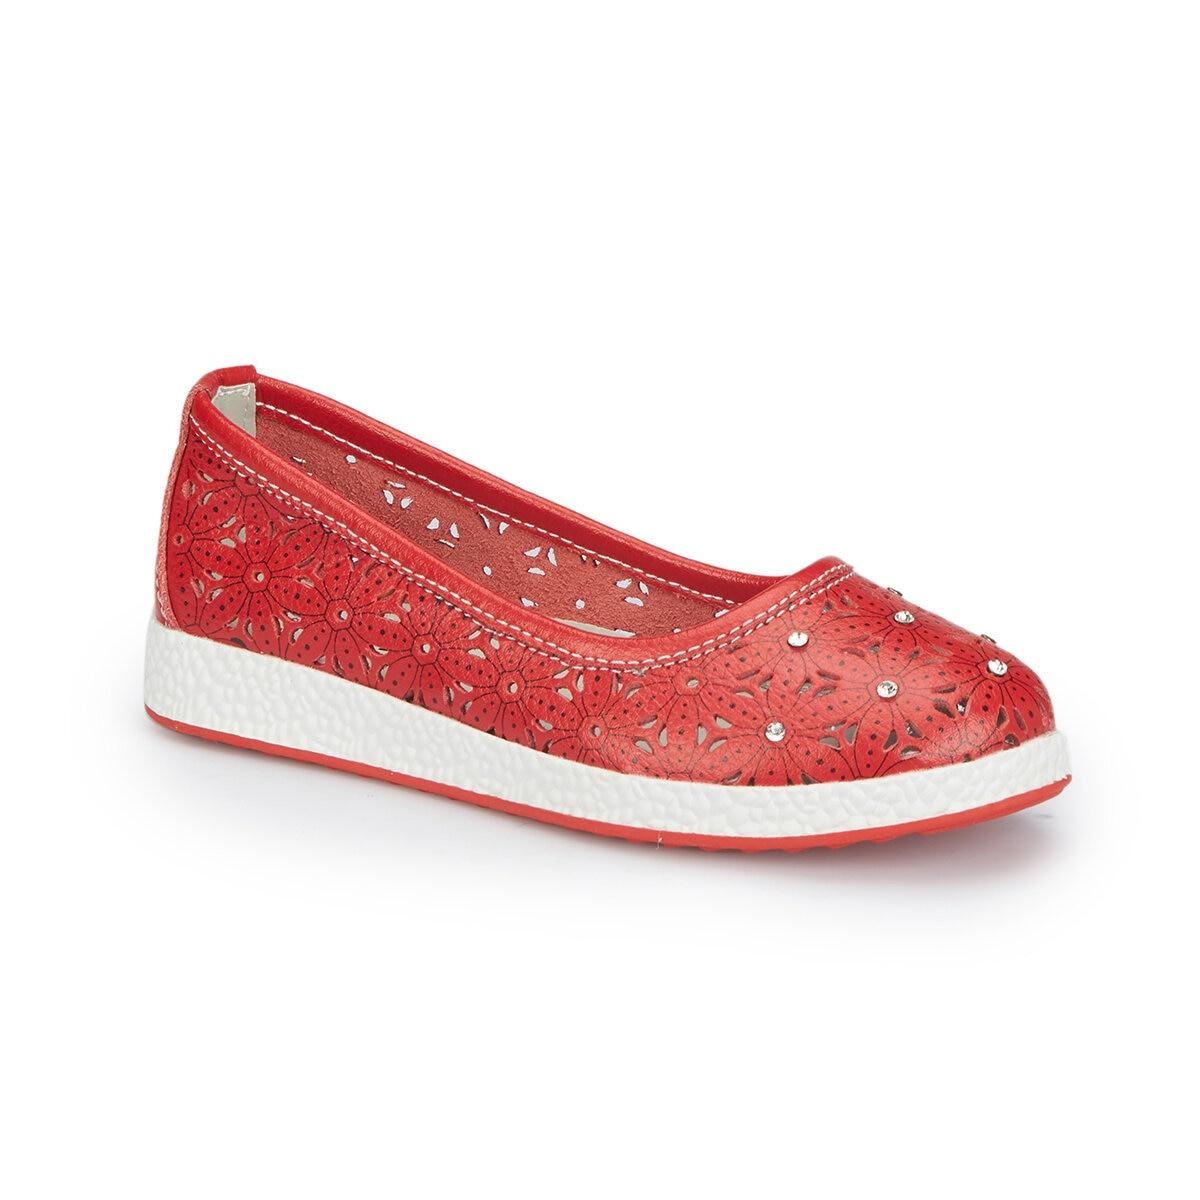 FLO 81. 510097.F Red Female Child Ballerina Polaris